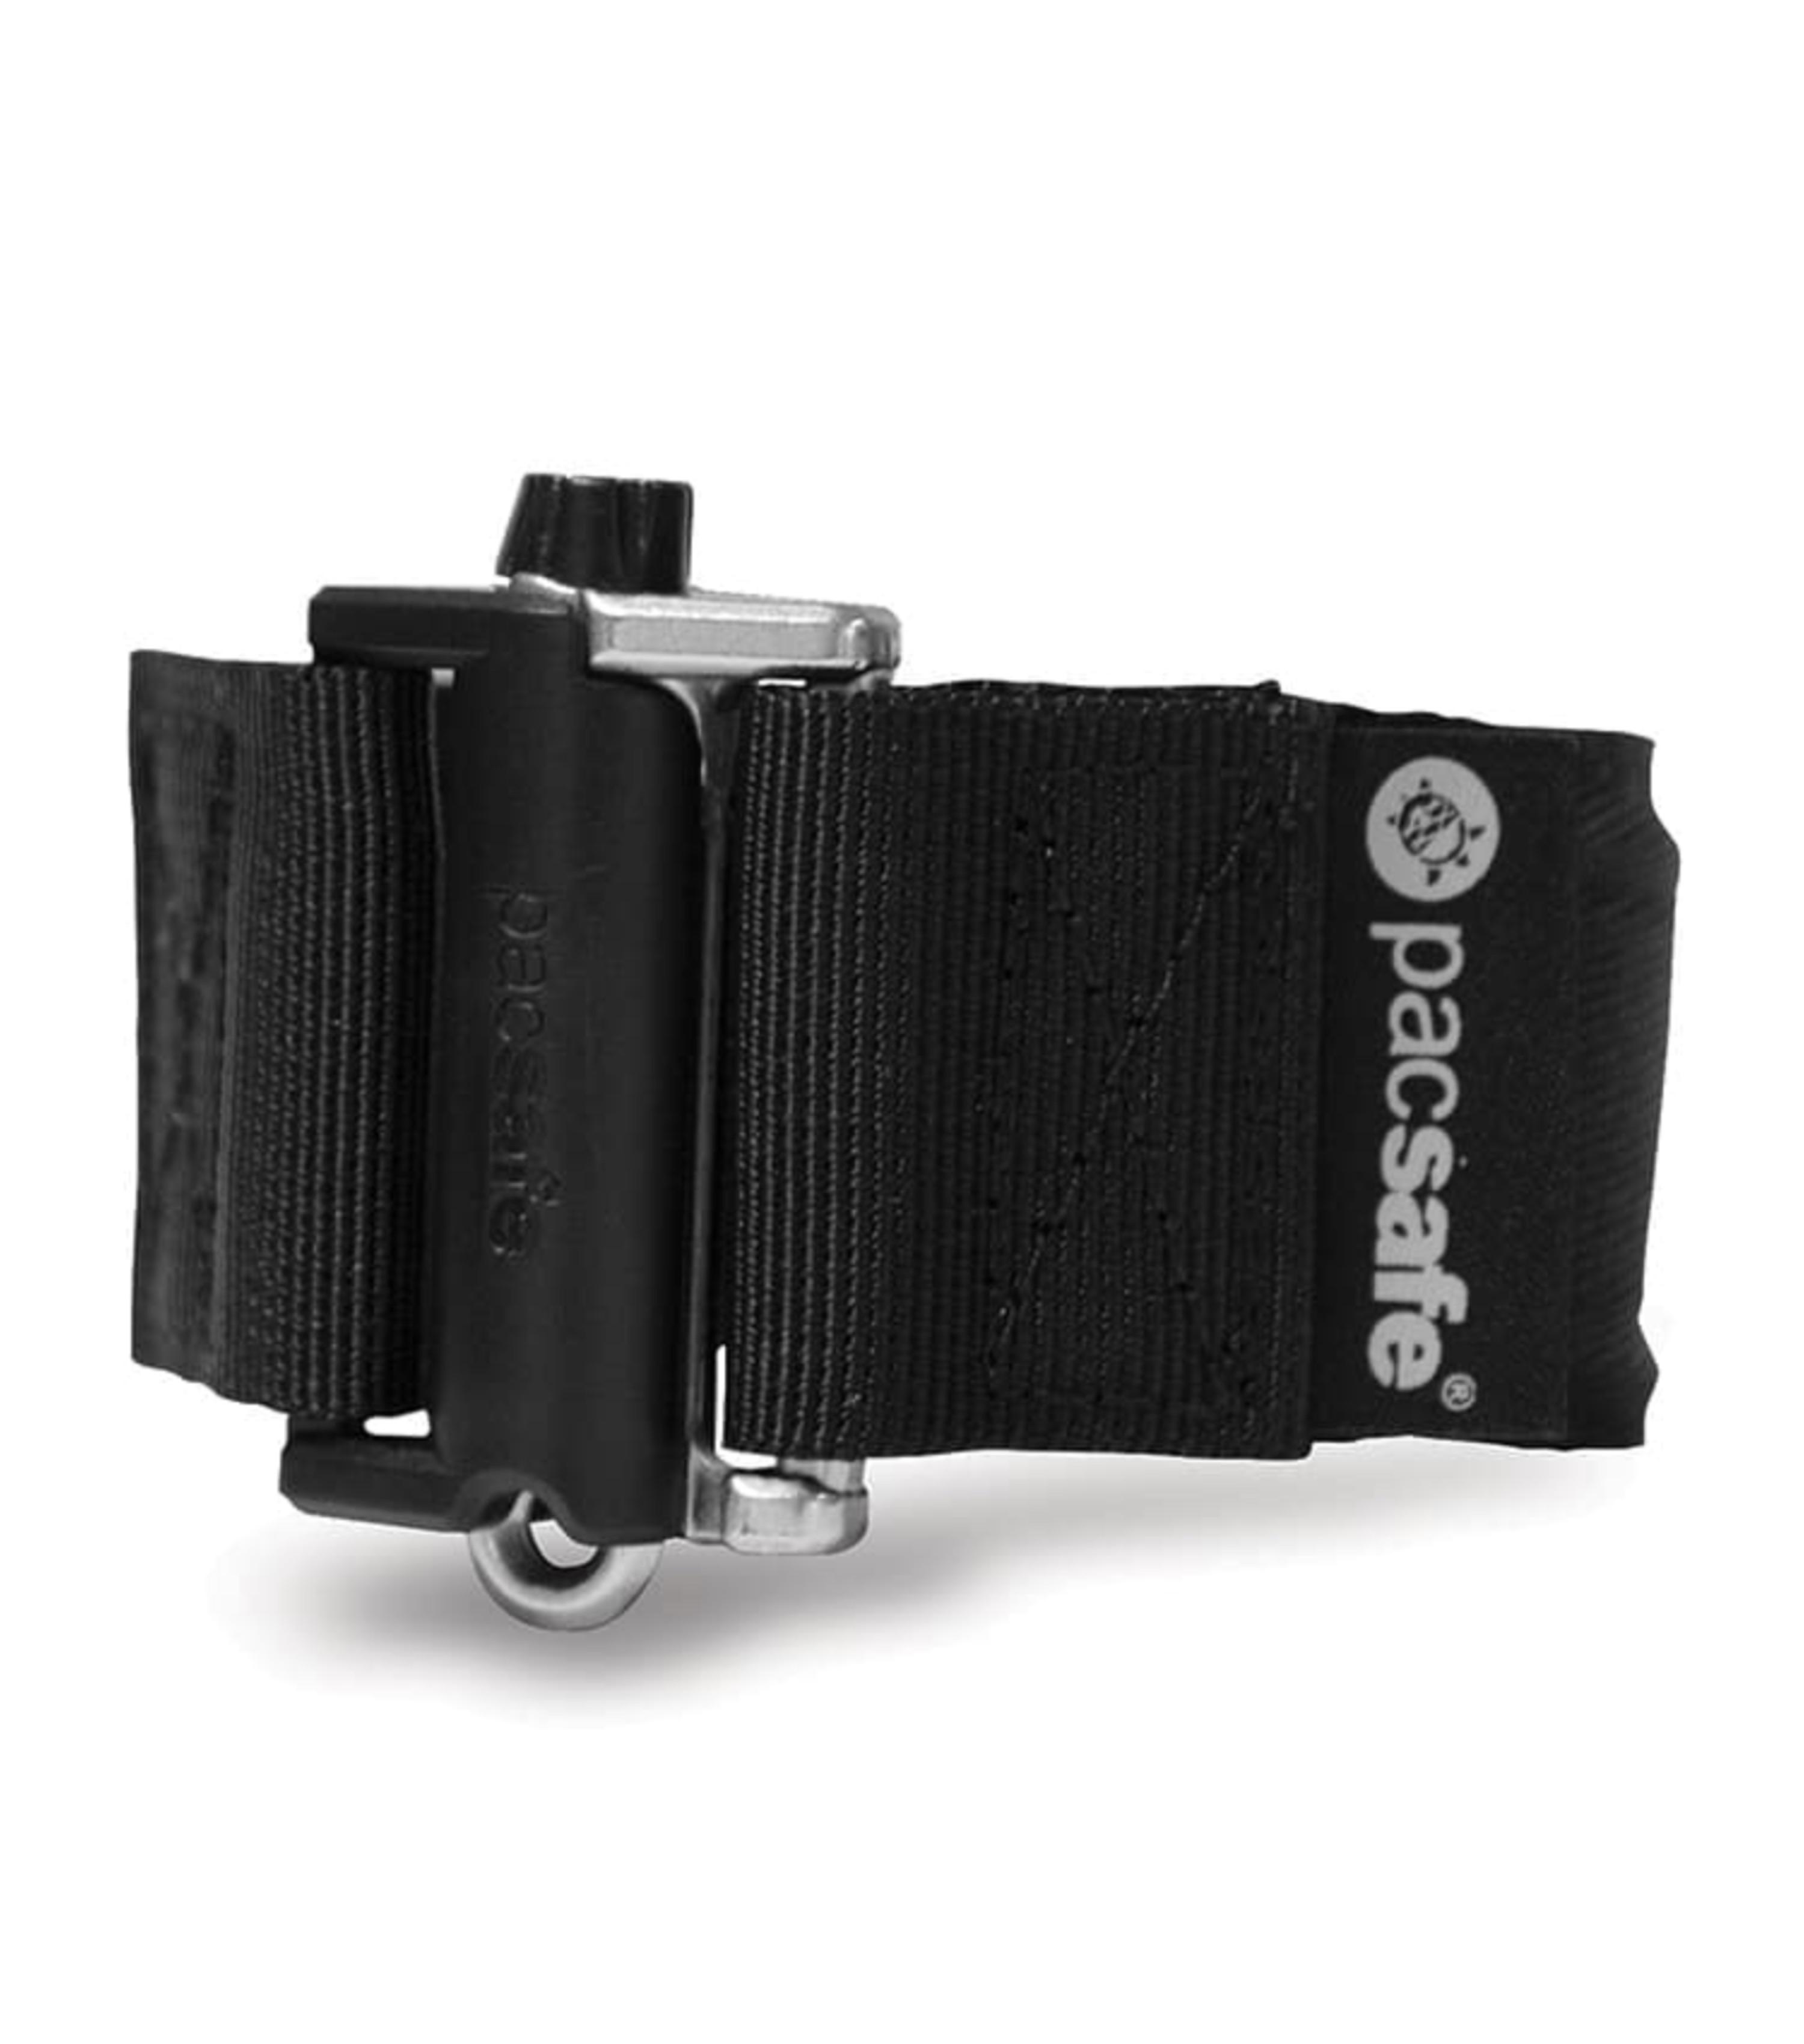 Black Pacsafe Belt Extender